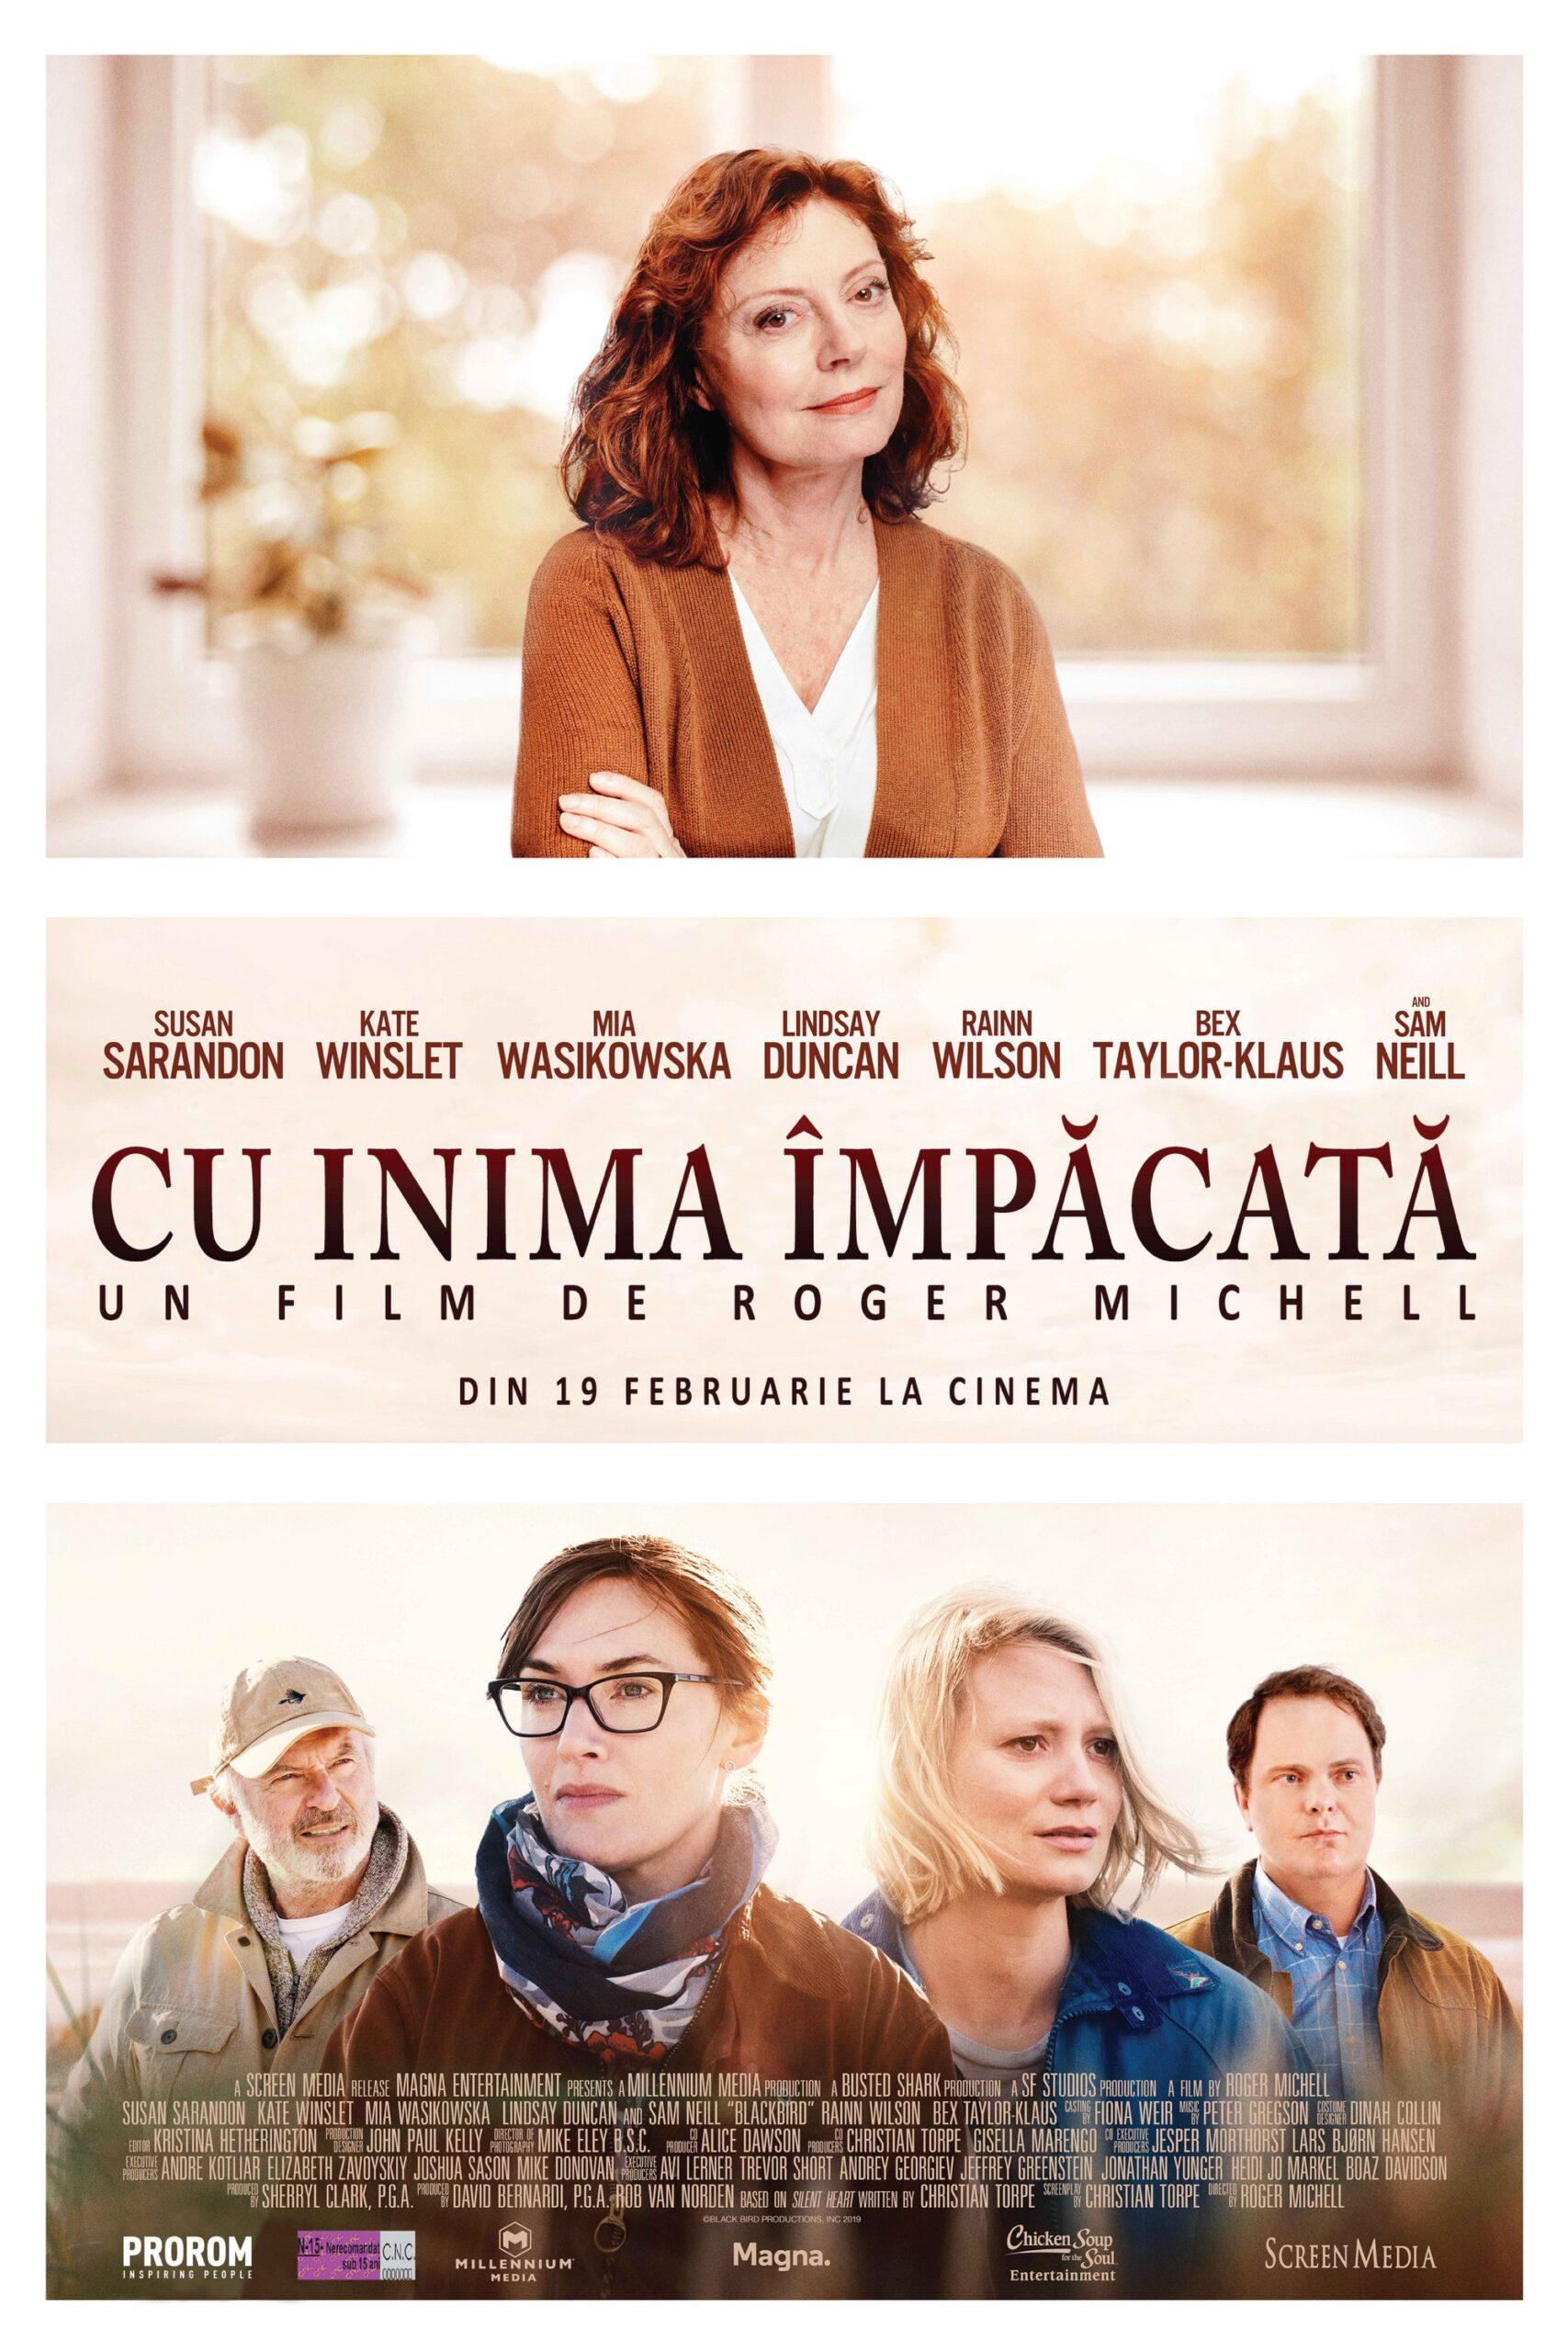 Cu inima impacata (Blackbird) poster Romania